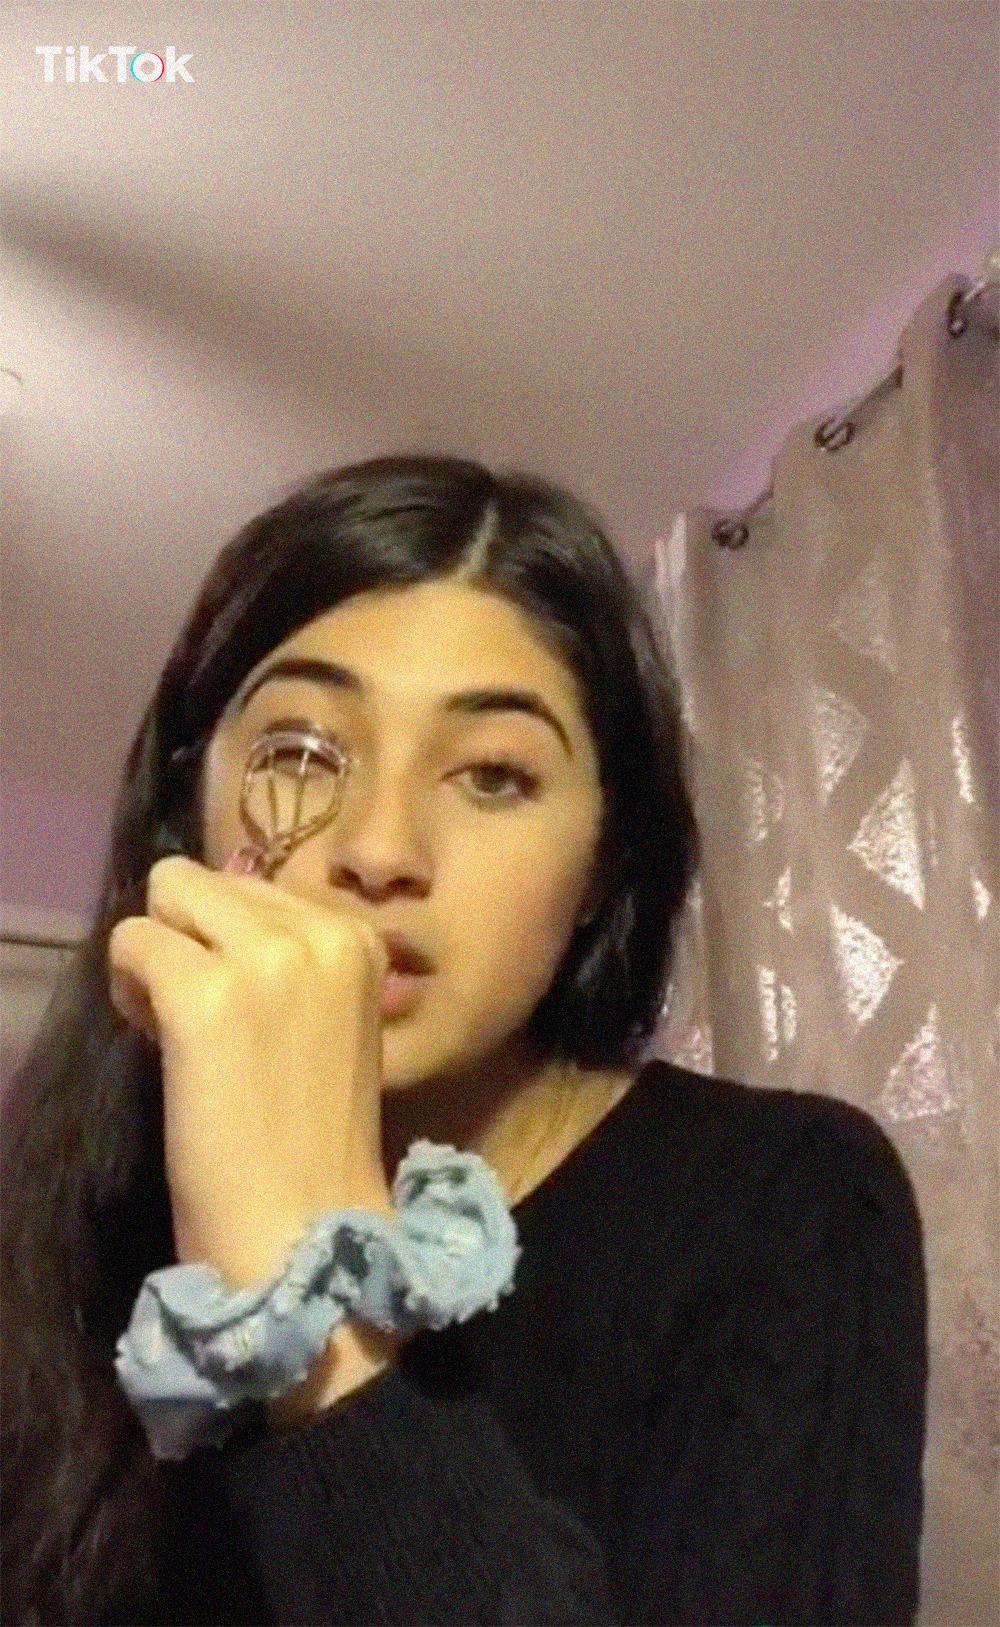 TikTok cierra la cuenta de una adolescente por criticar al gobierno Chino